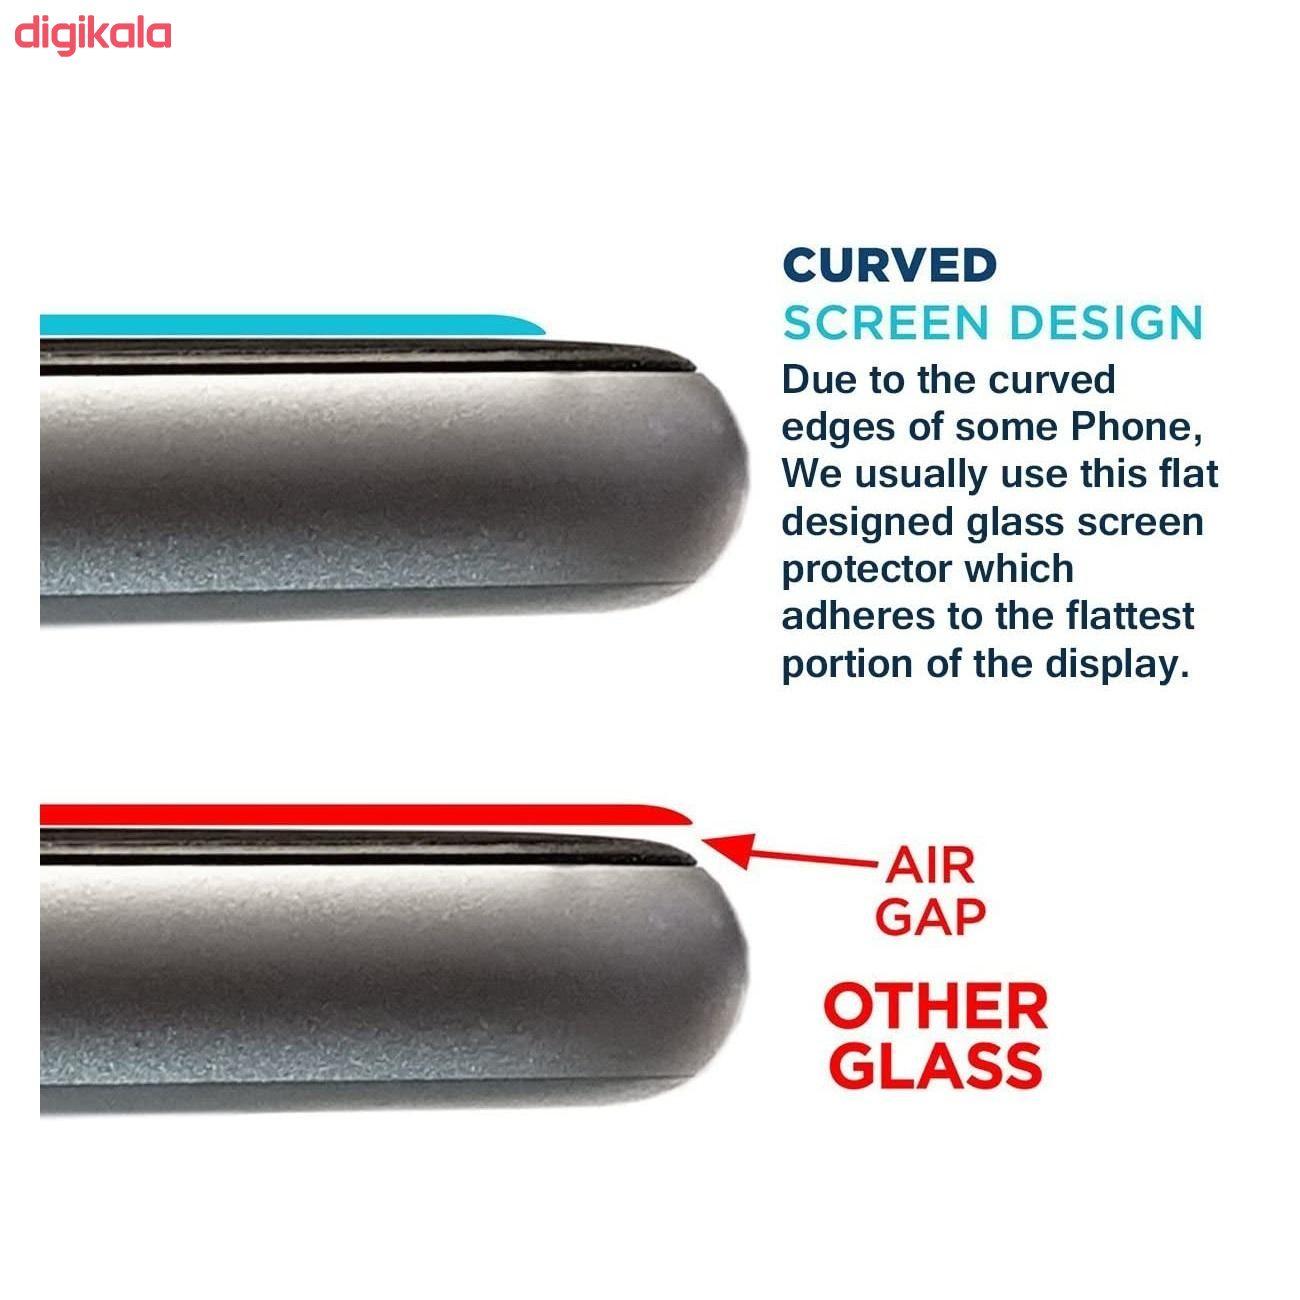 محافظ صفحه نمایش ولگا مدل CER-Powertech مناسب برای گوشی موبایل سامسونگ Galaxy A51 main 1 3